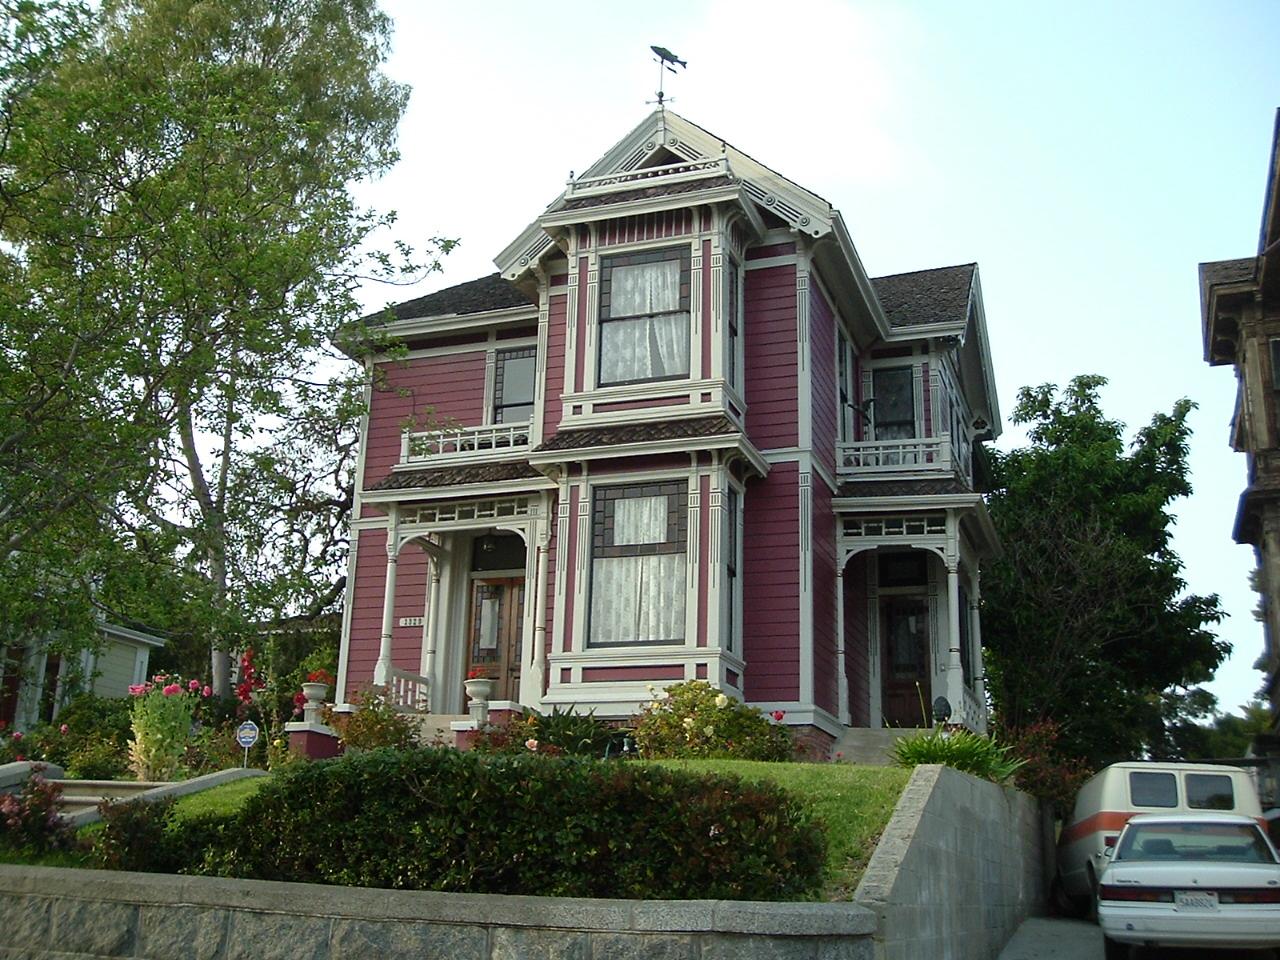 la maison de quot charmed quot recherche maisons c 233 l 232 bres de et s 233 ries tv allocin 233